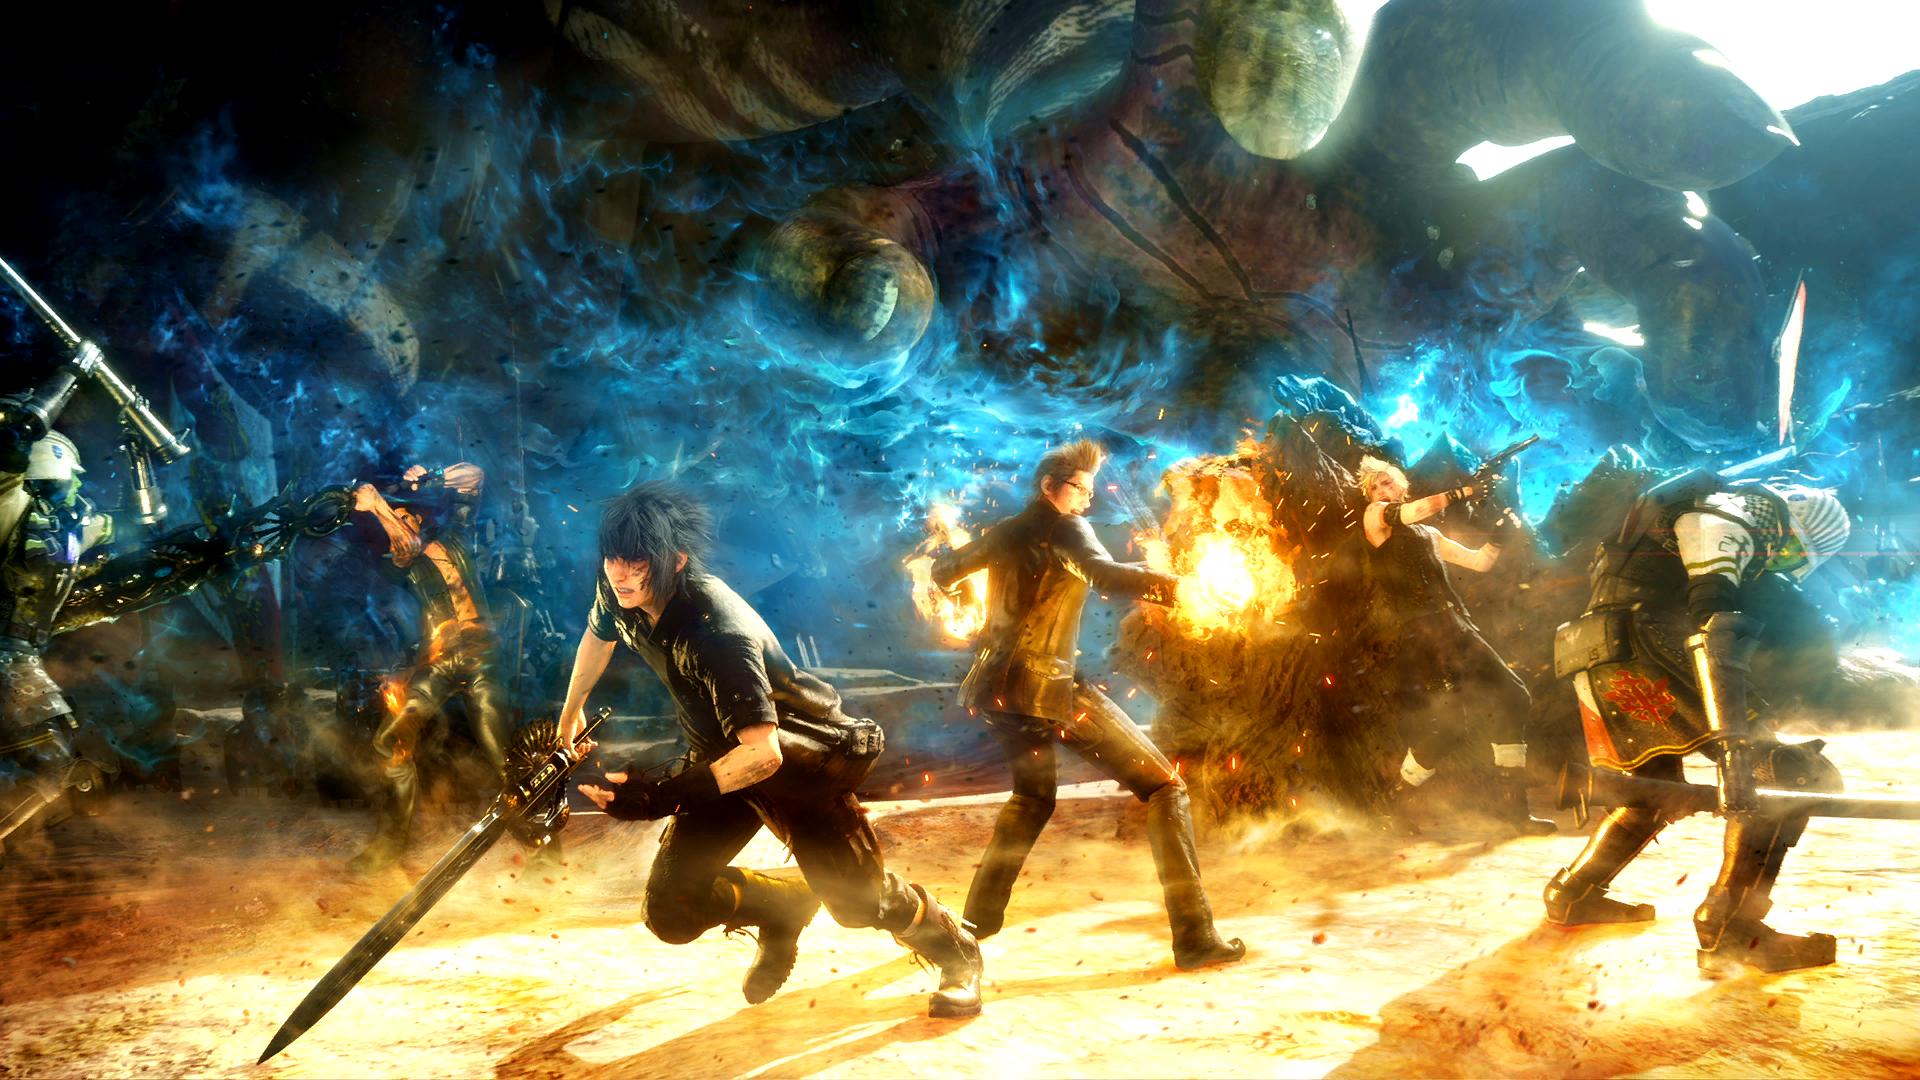 Final Fantasy XV HD Wallpaper